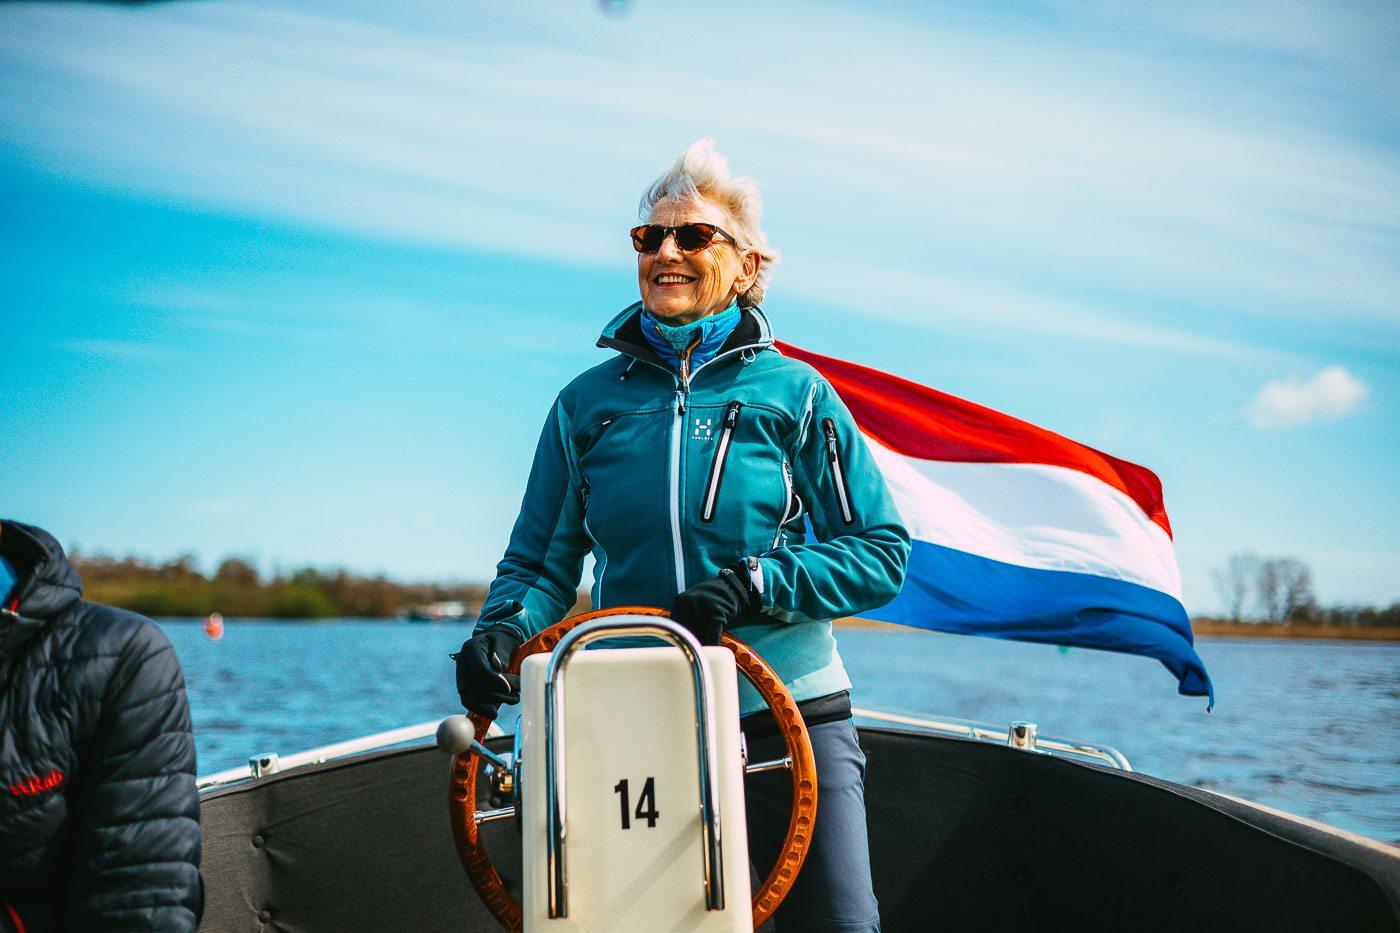 20210424-rotterdam-yv-weekend-jorg-friesland-2G1A9678